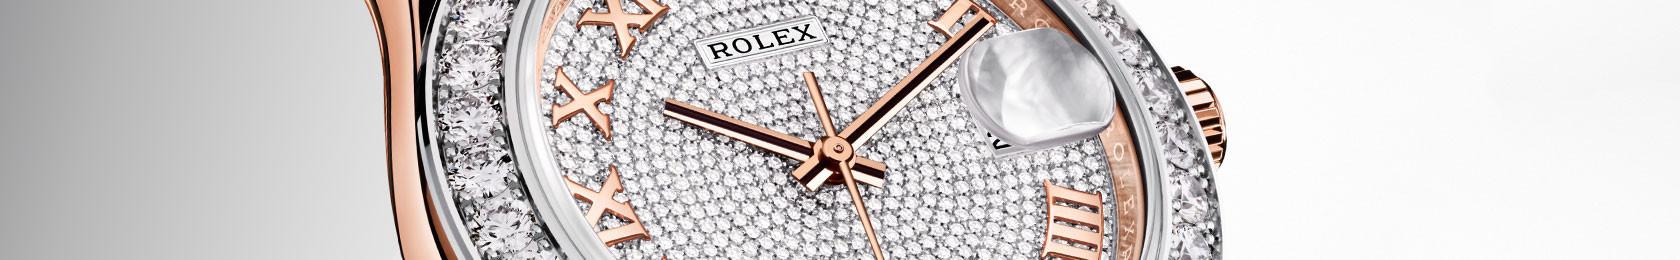 Rolex Pearlmaster Zifferblatt mit Diamanten